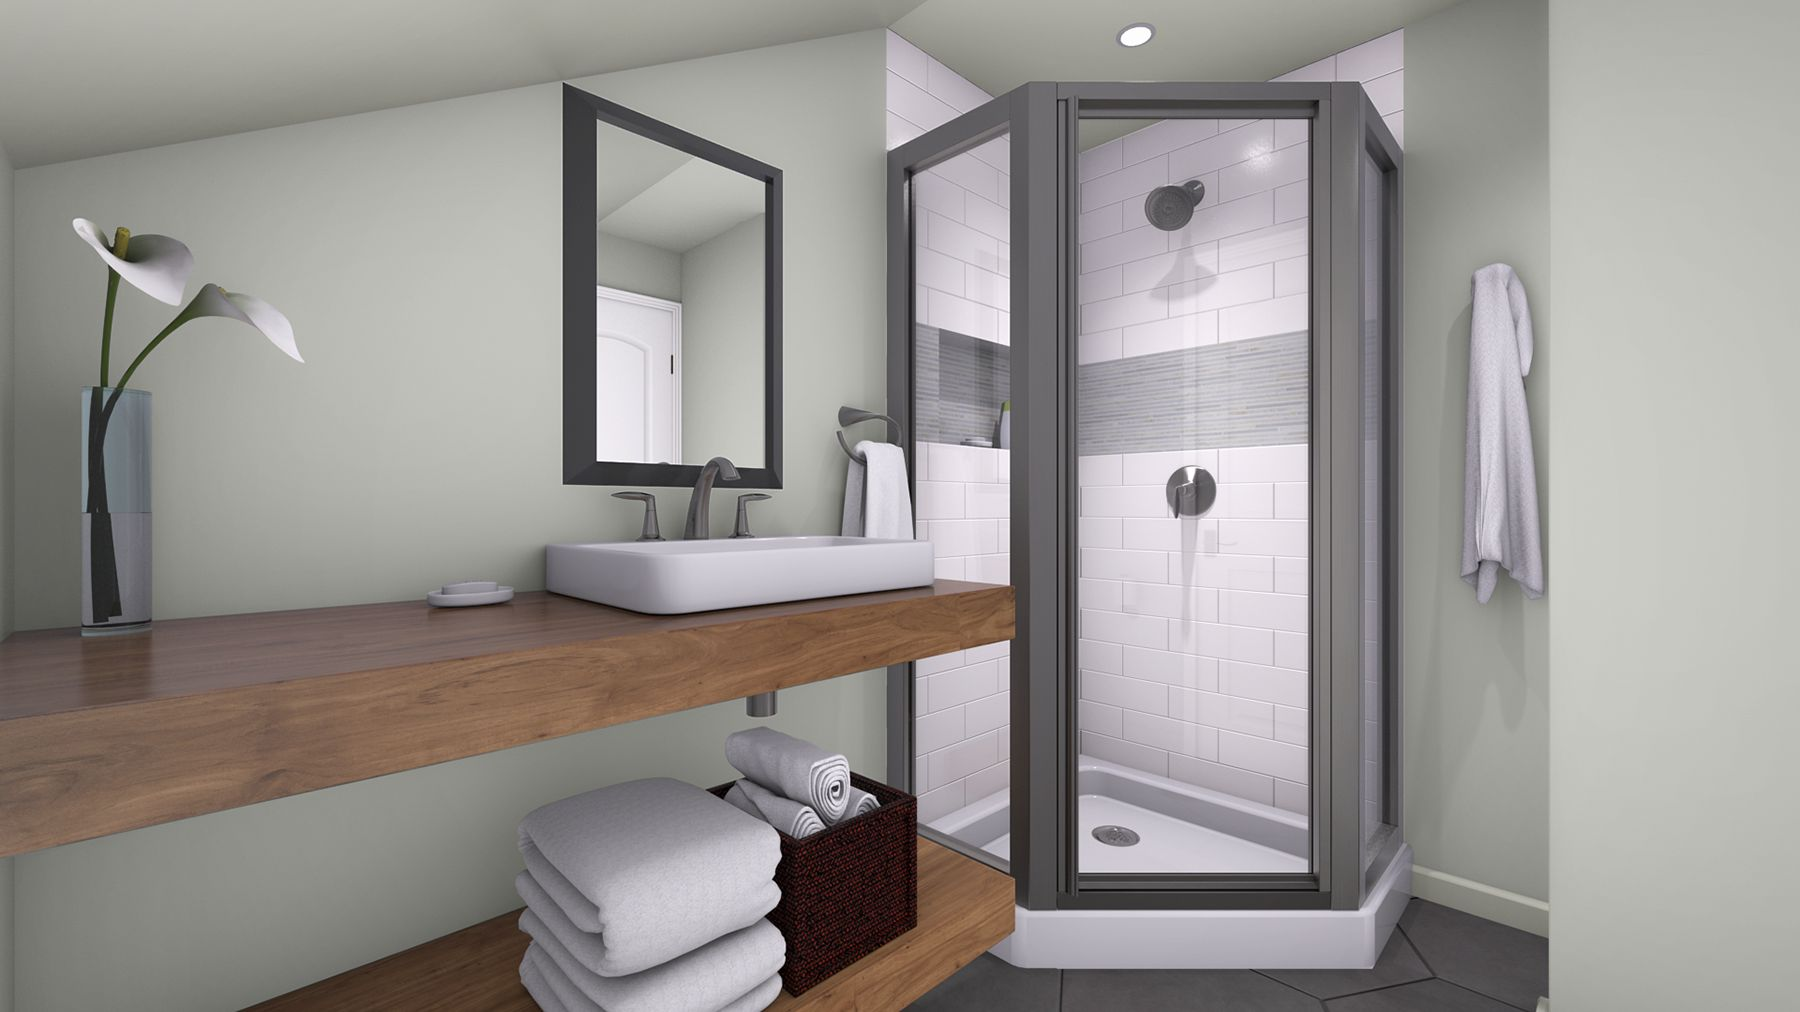 kohler bathroom design service kohler bathroom kohler